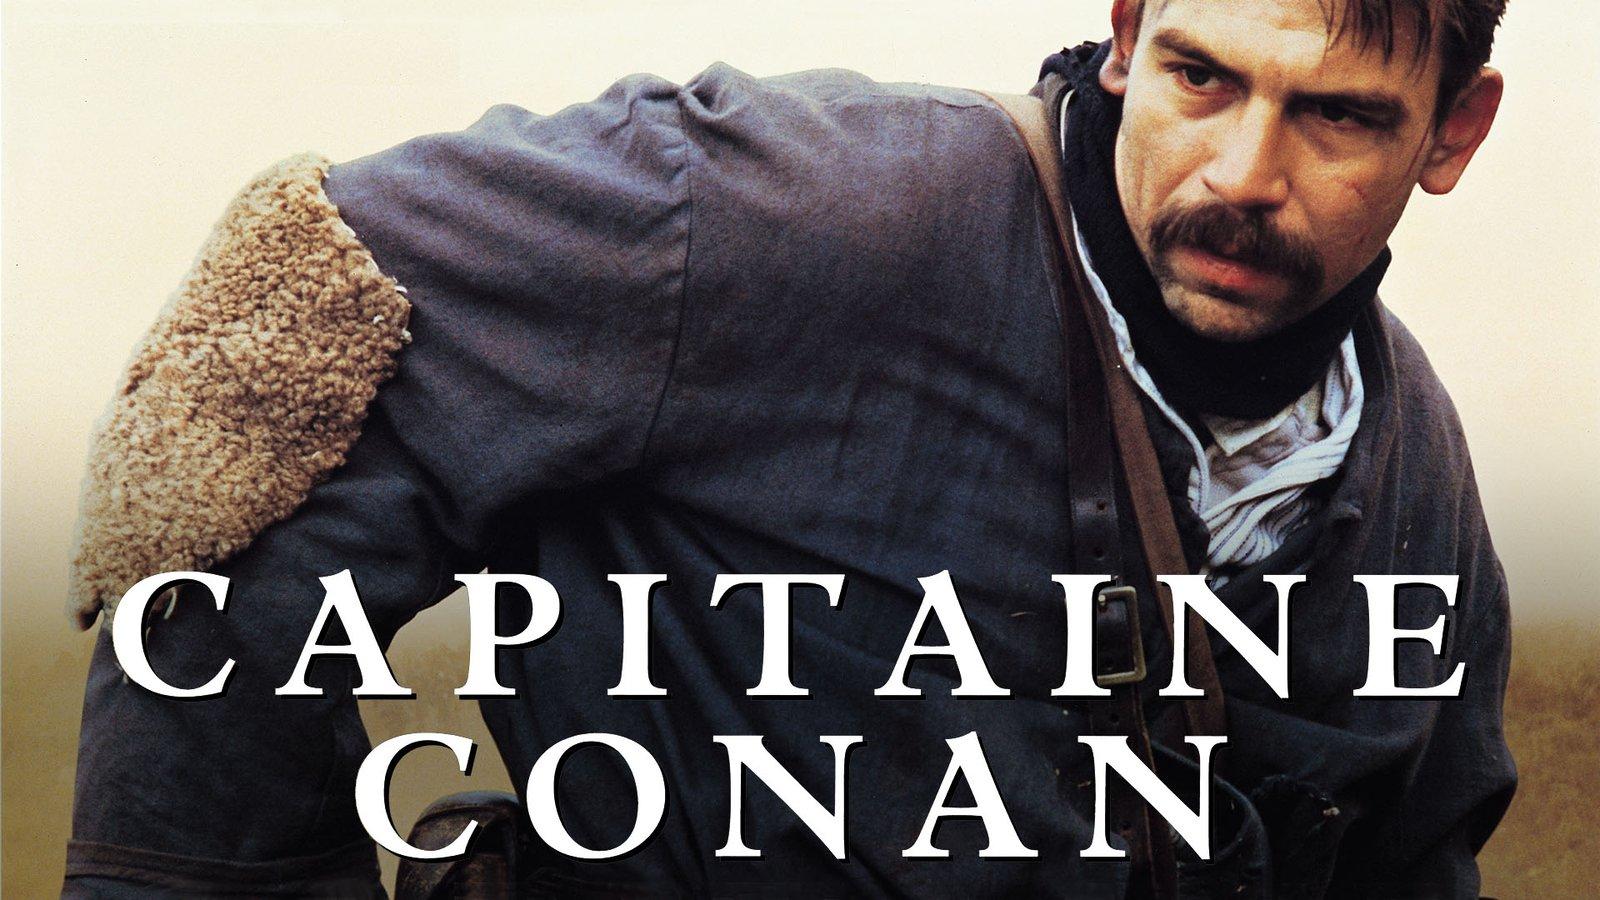 Capitaine Conan - Captain Conan